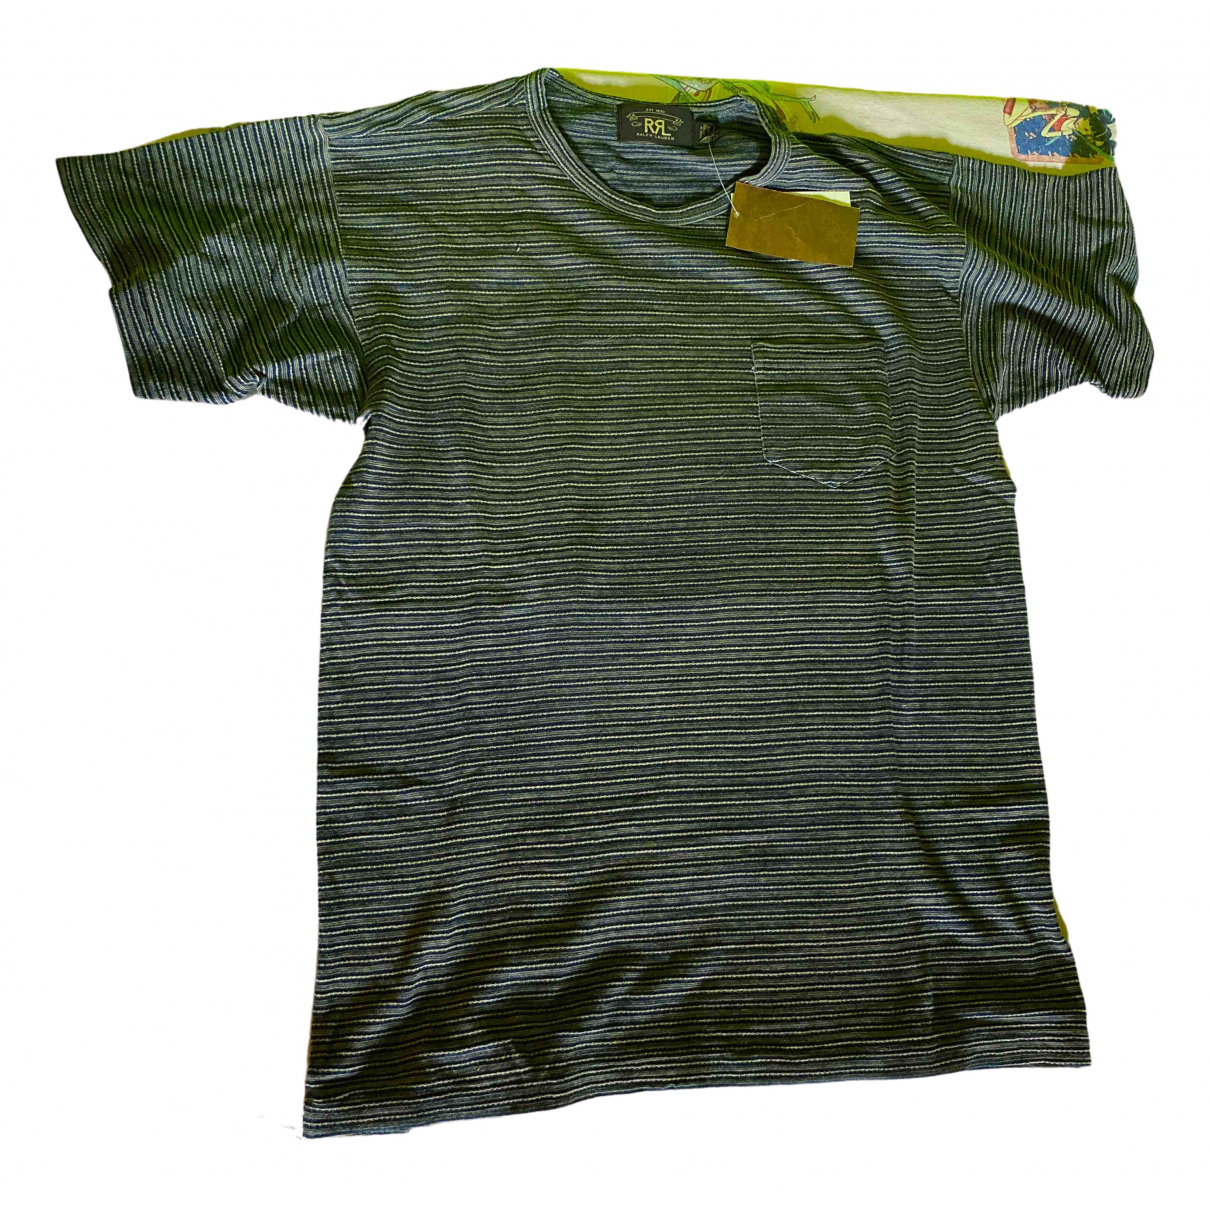 Ralph Lauren Double Rl - Tee shirts   pour homme en coton - kaki